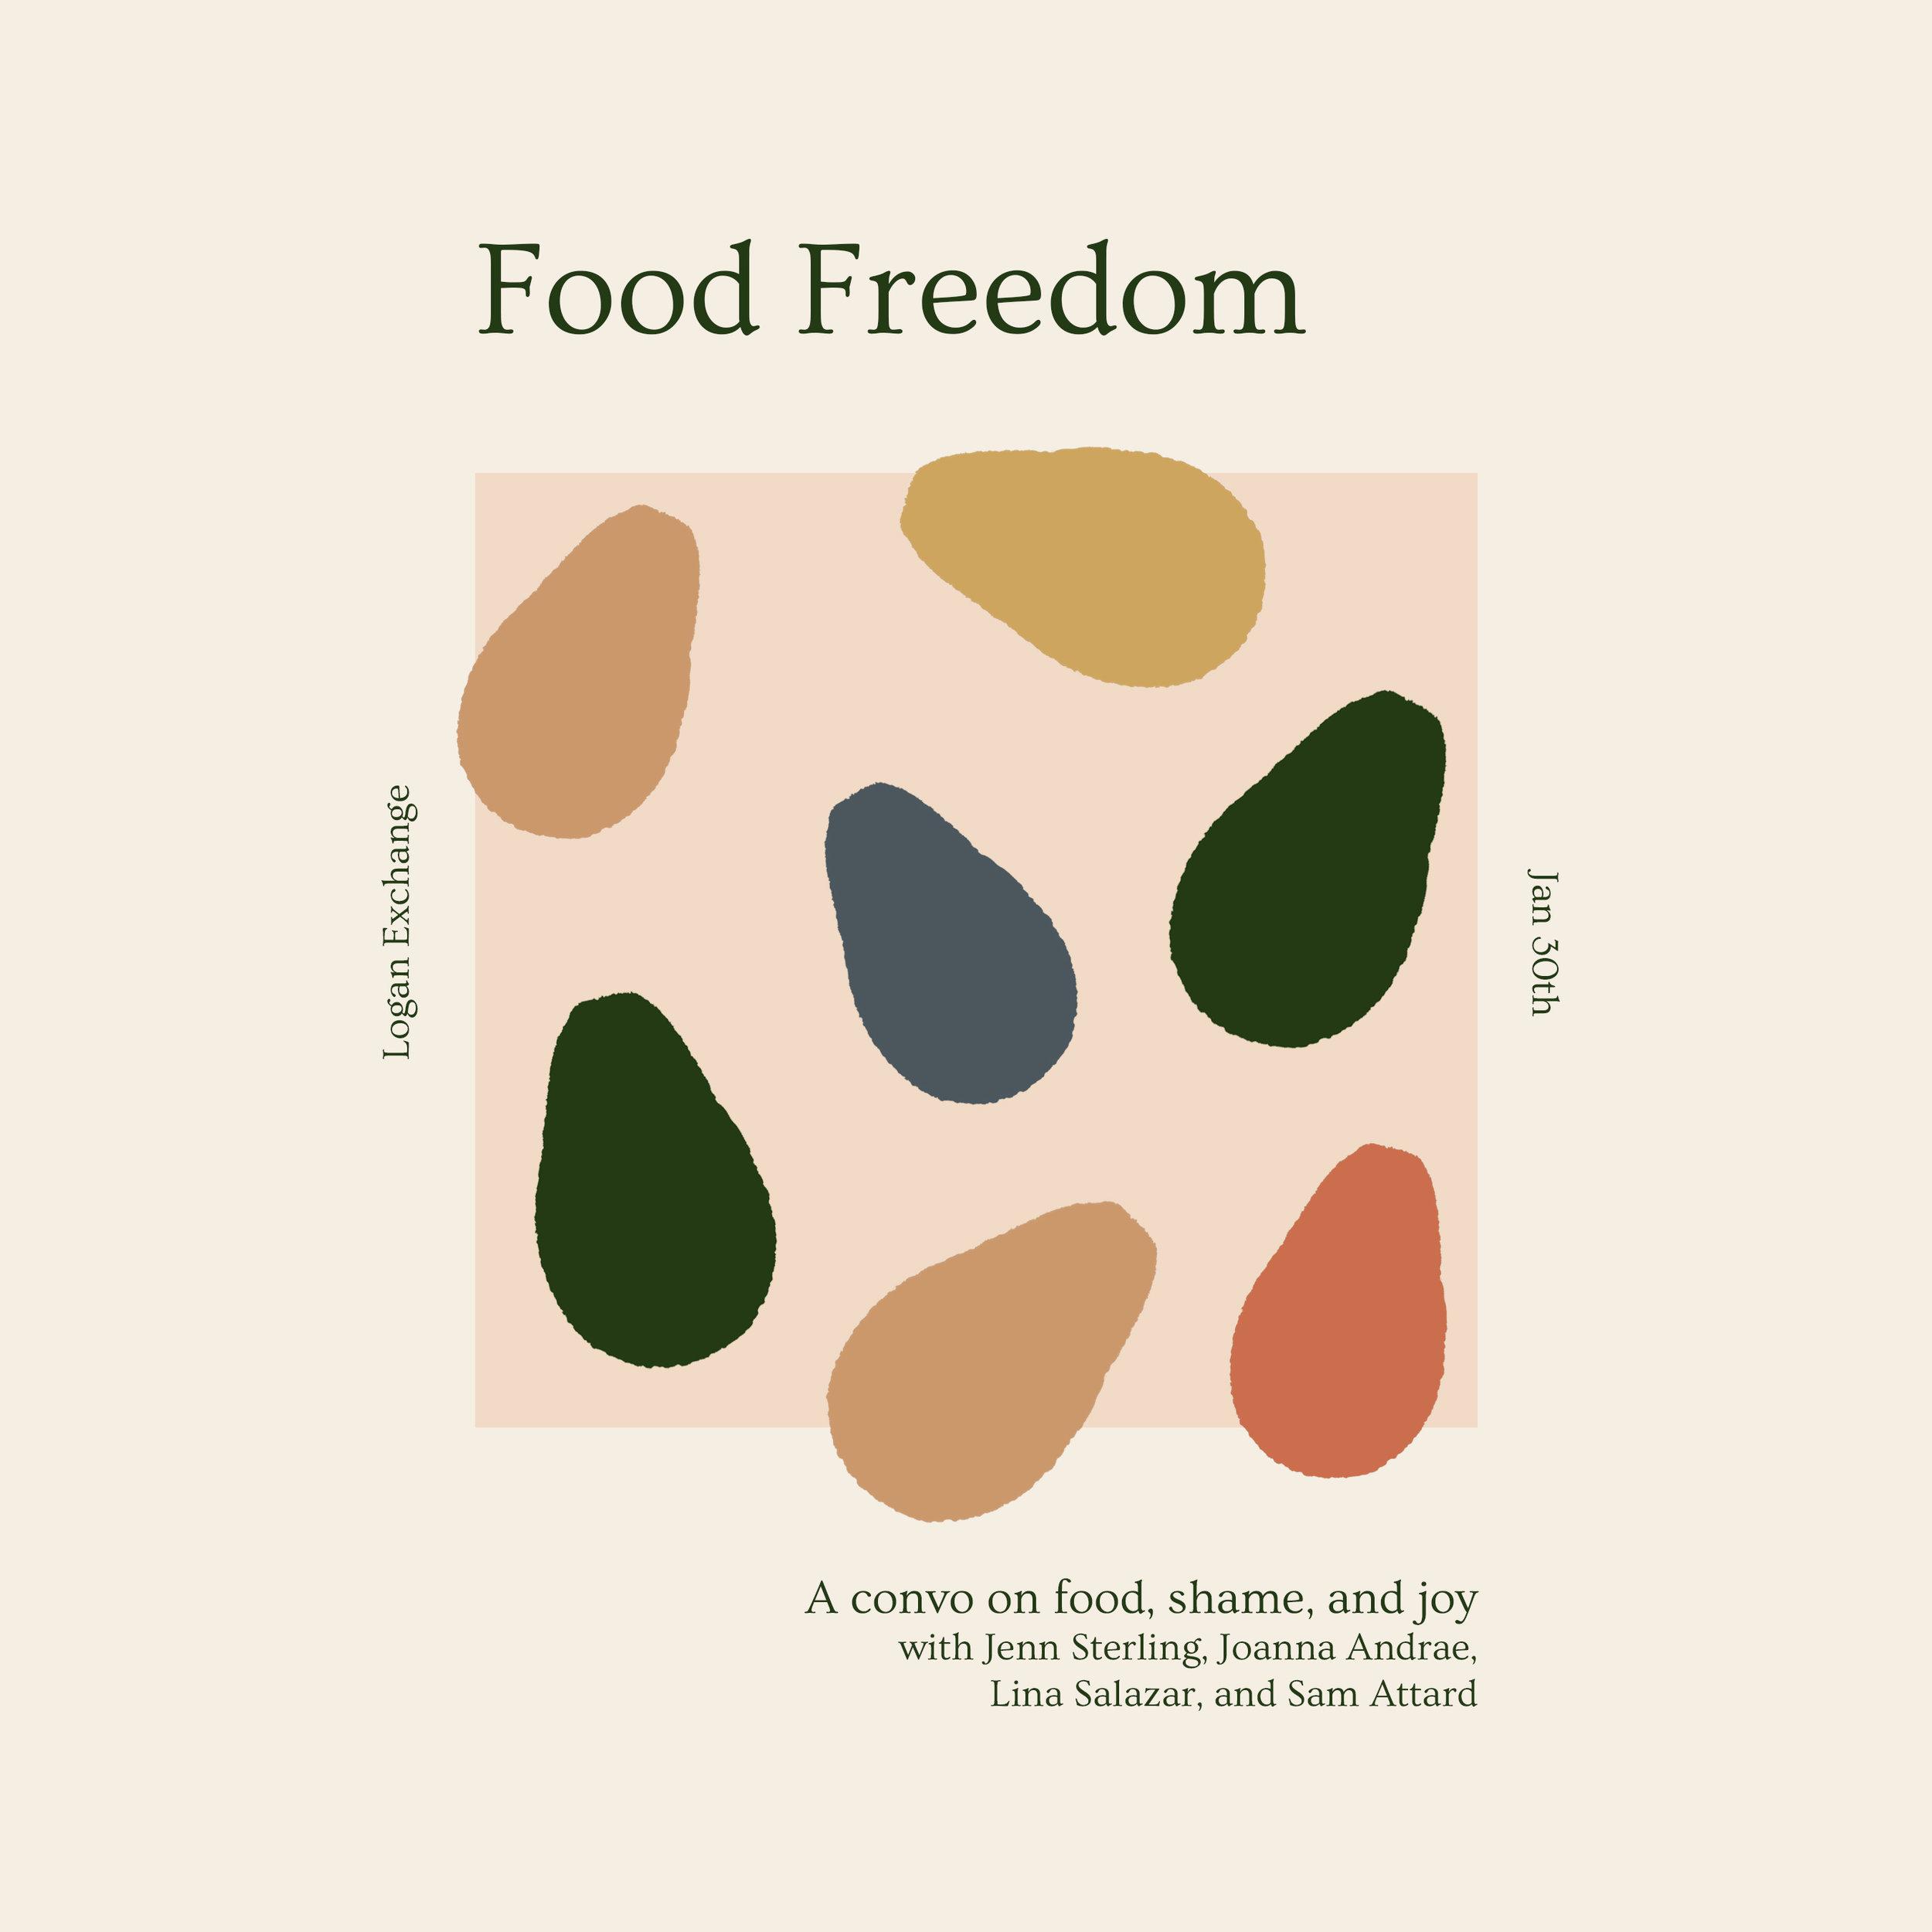 foodfreedom.jpg